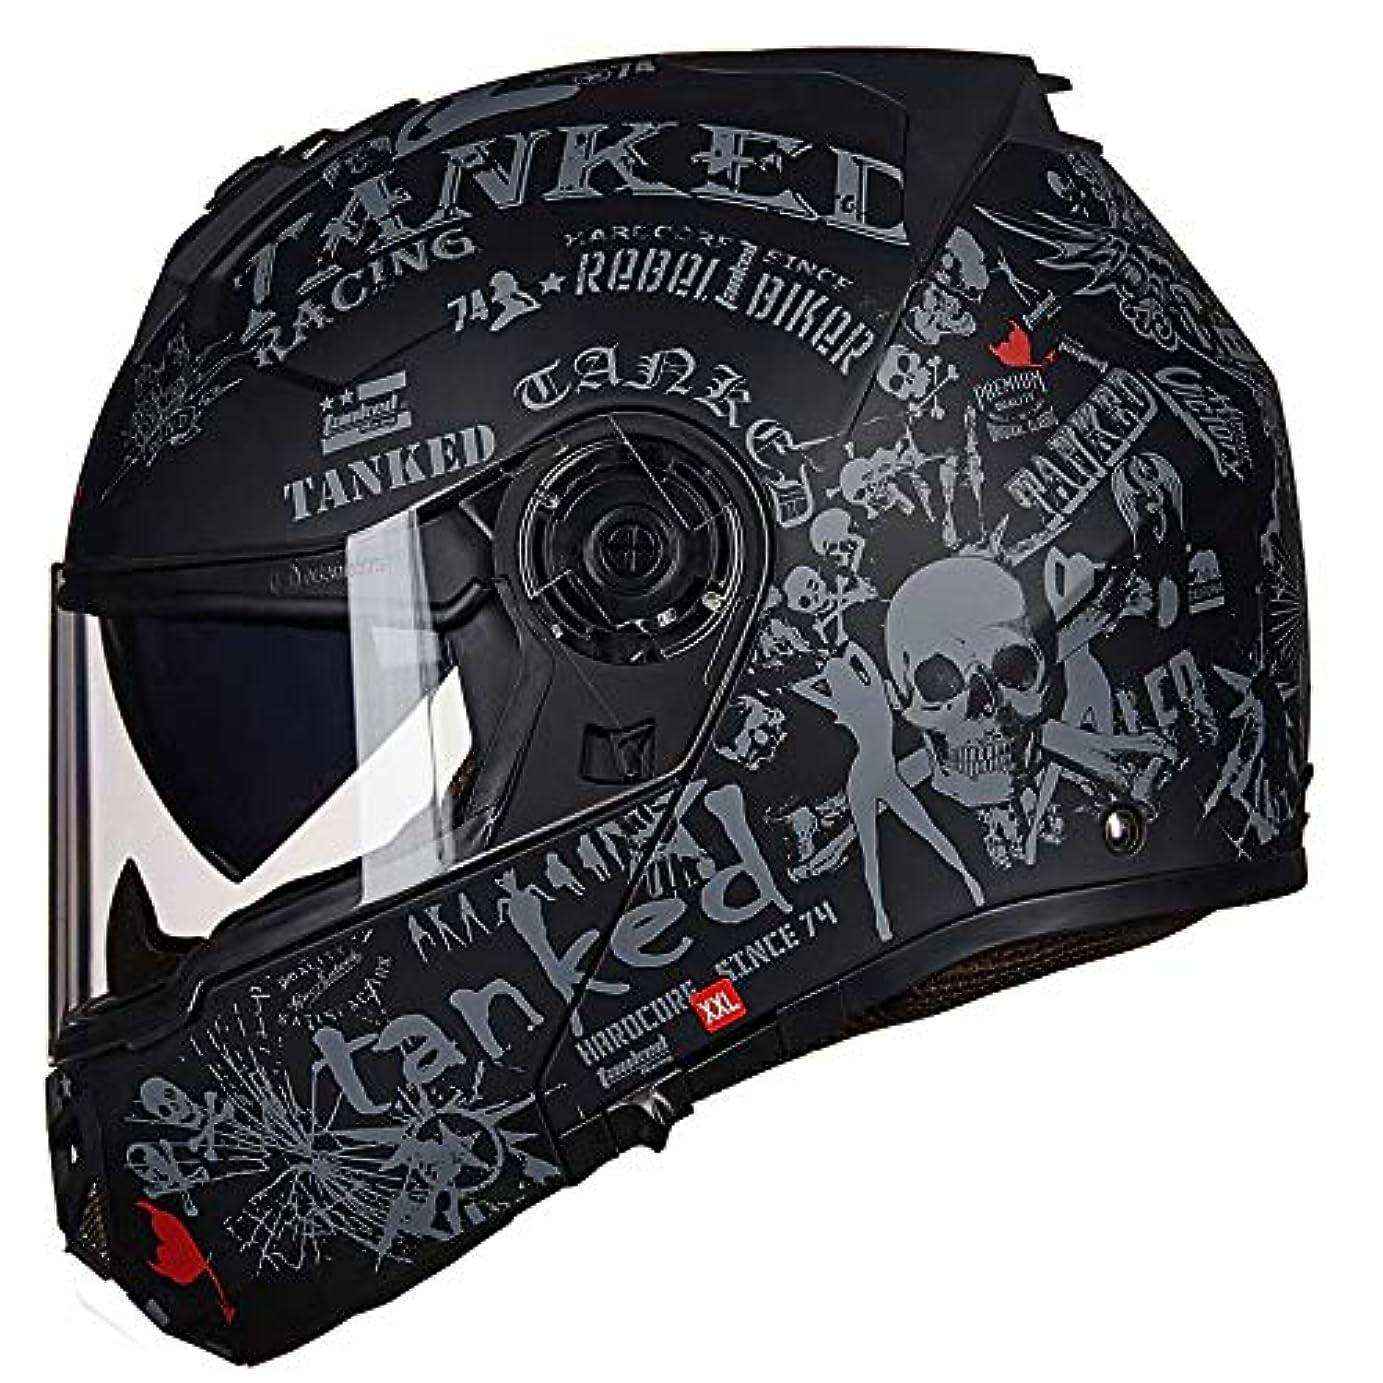 忠実な外国人勘違いするHYH マットブラックオートバイフルフェイスヘルメットメンズダブルレンズオープンフェイスヘルメットフルカバー機関車オフロードヘルメット四季普遍的な美容落書き いい人生 (Size : M)